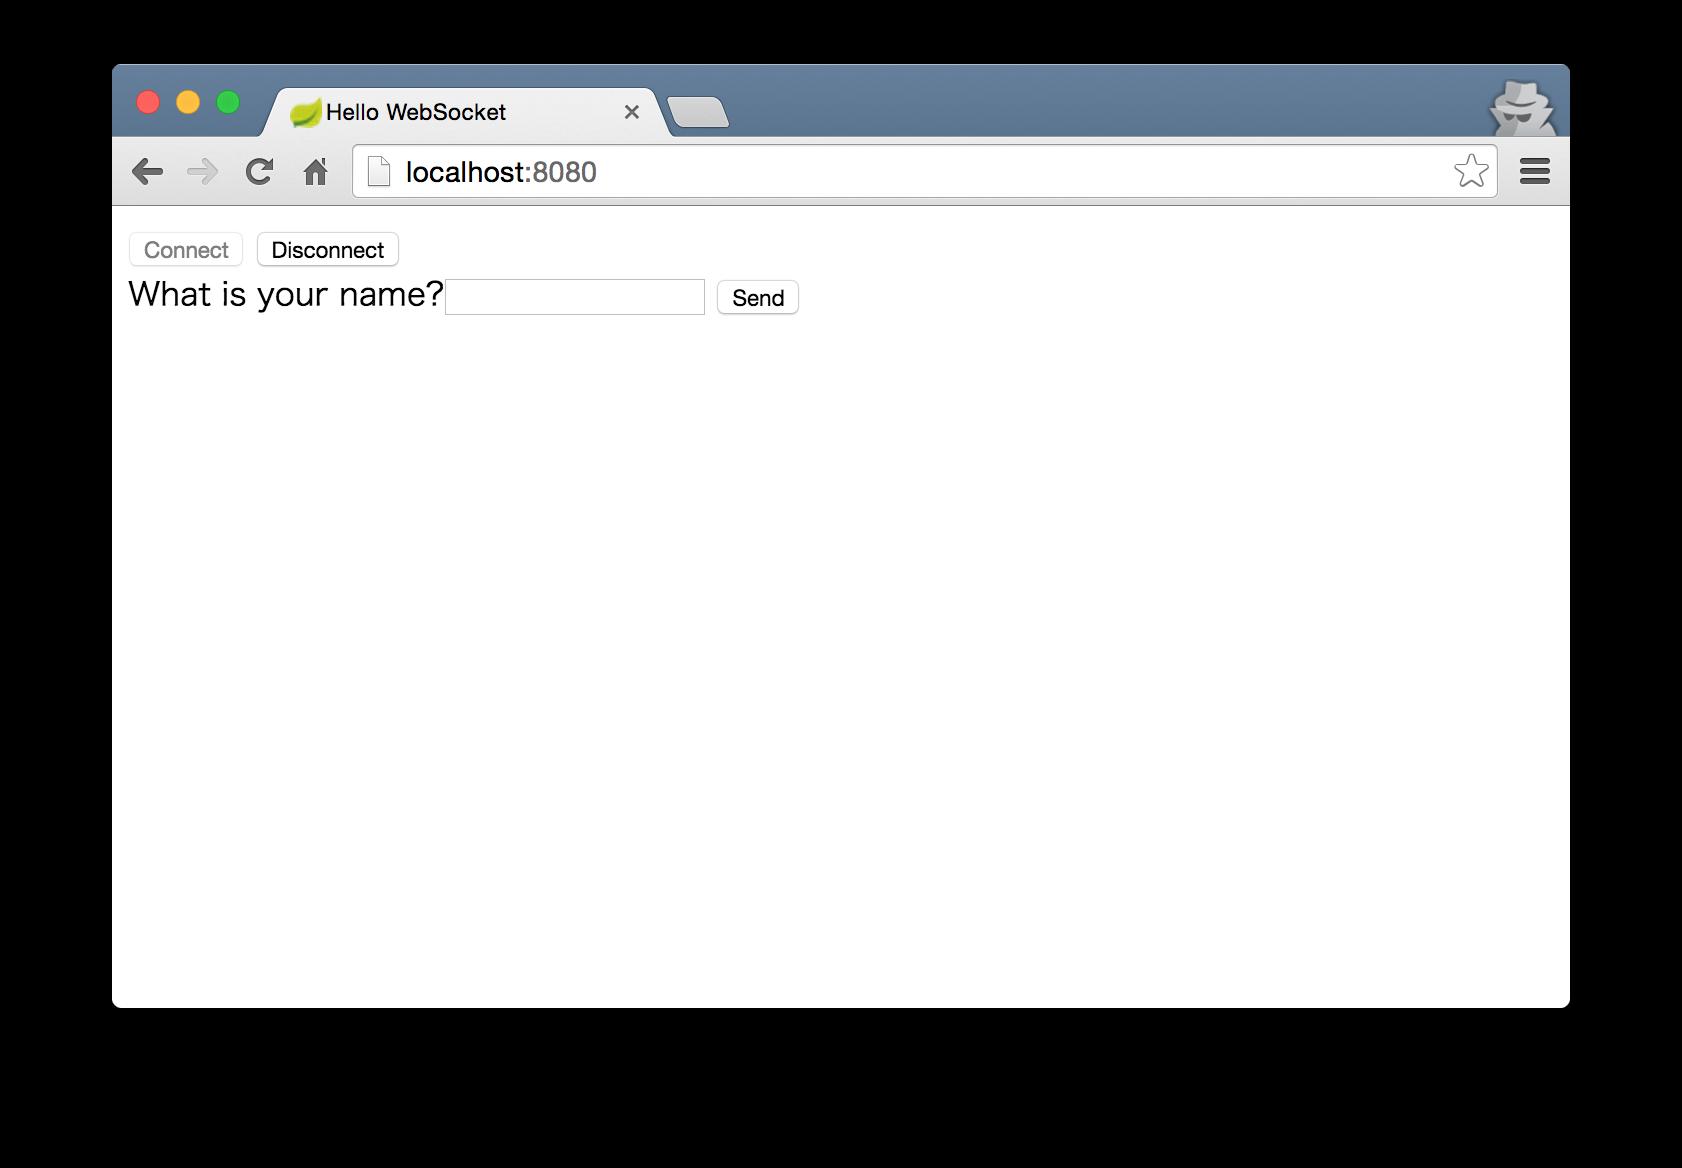 spr43-websocket-connect.png